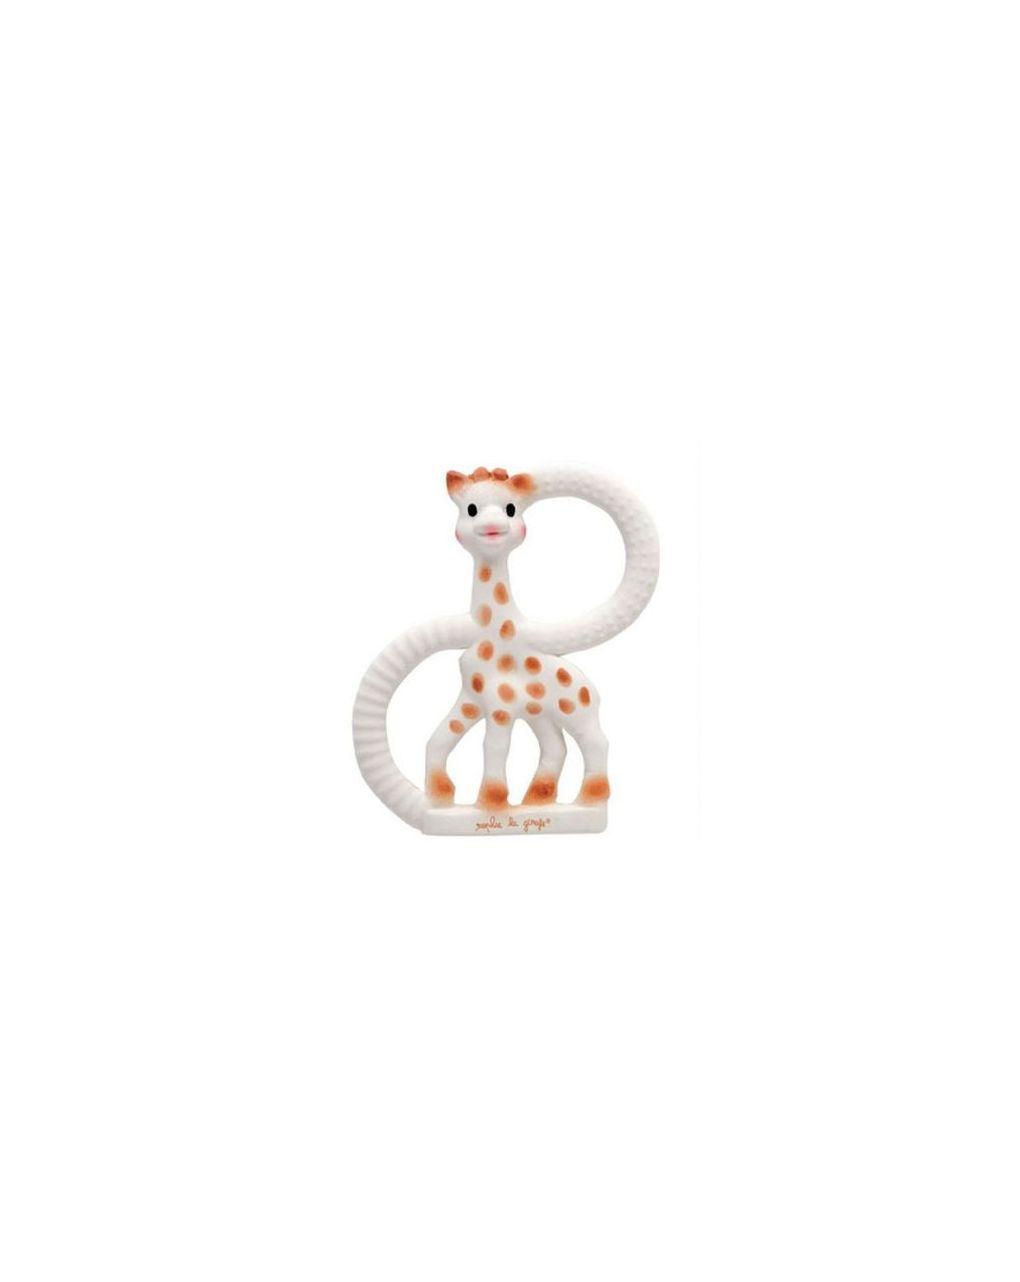 Vulli - sophie la giraffe anello dentizione morbido - SOPHIE LA GIRAFE